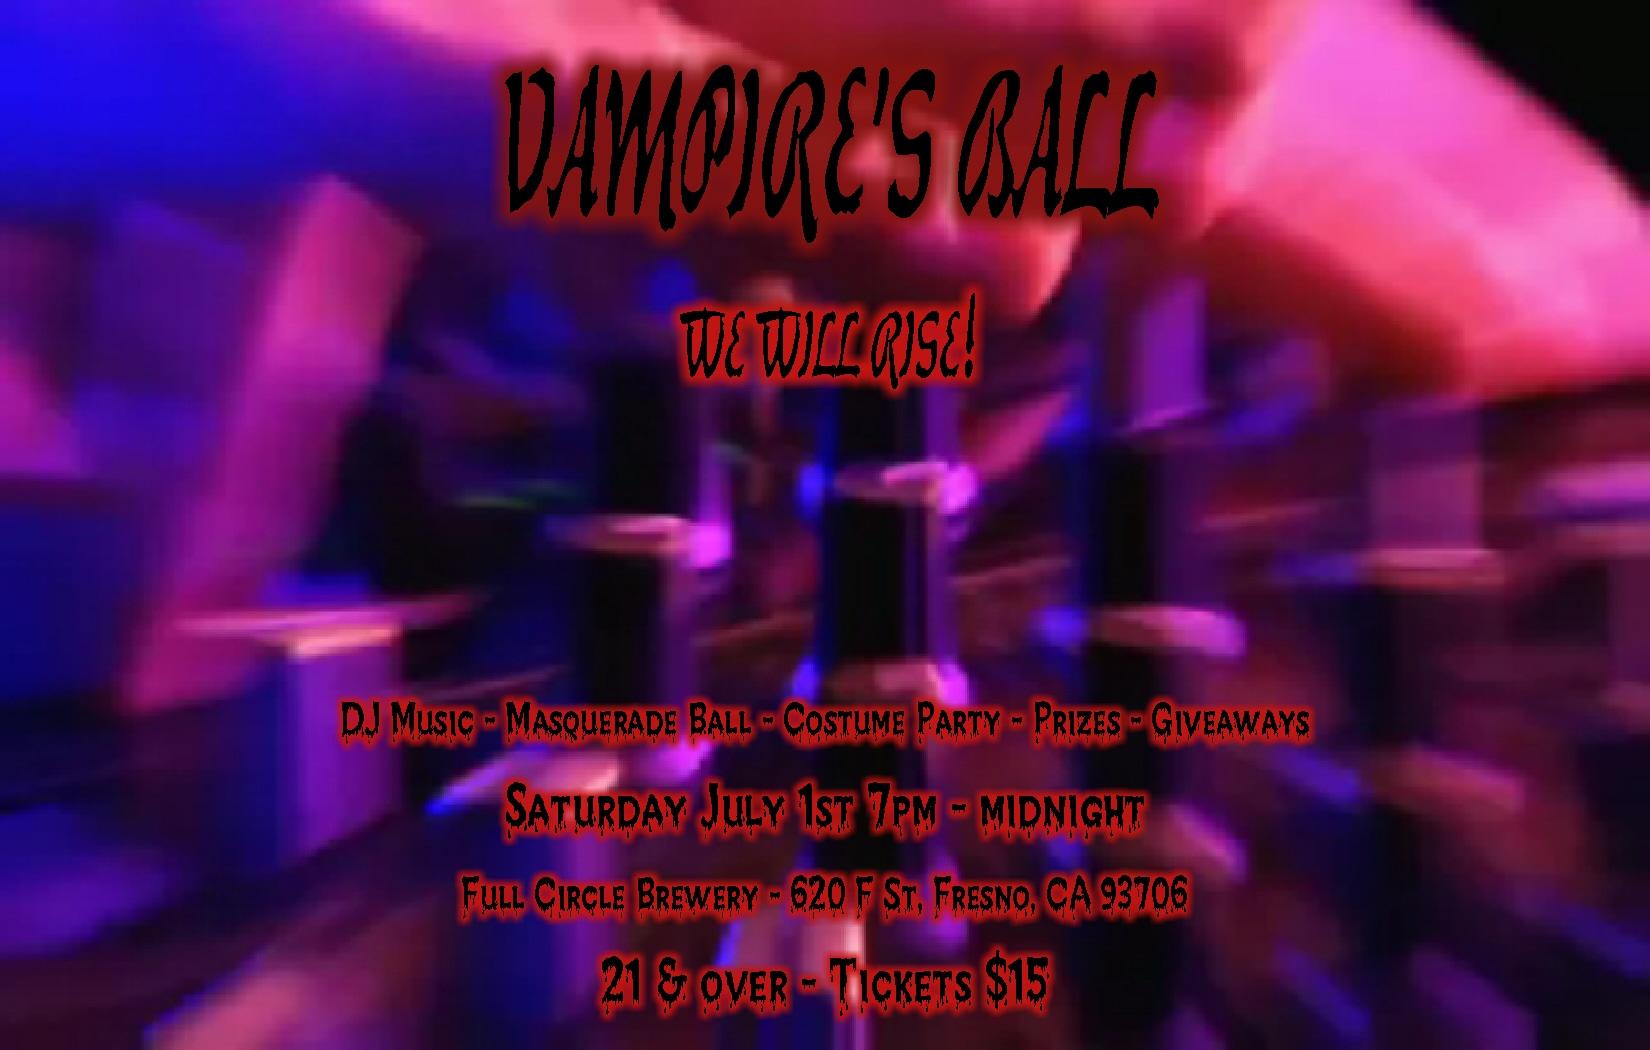 Vampire 's Ball - Music DJ